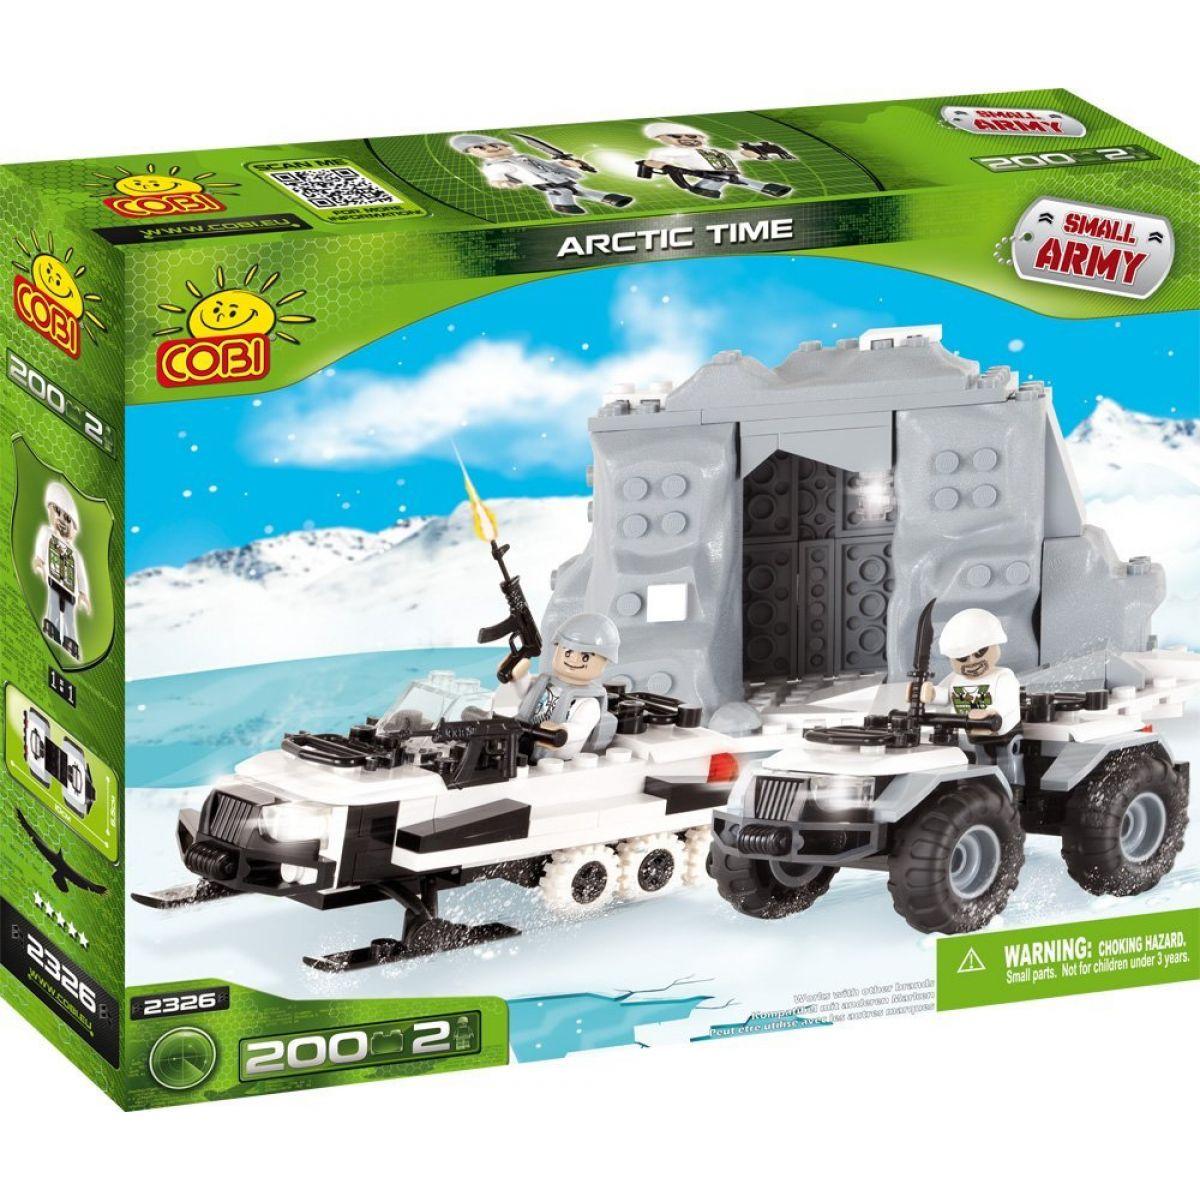 Cobi 2326 Malá armáda Polární jednotka ARCTIC TIME